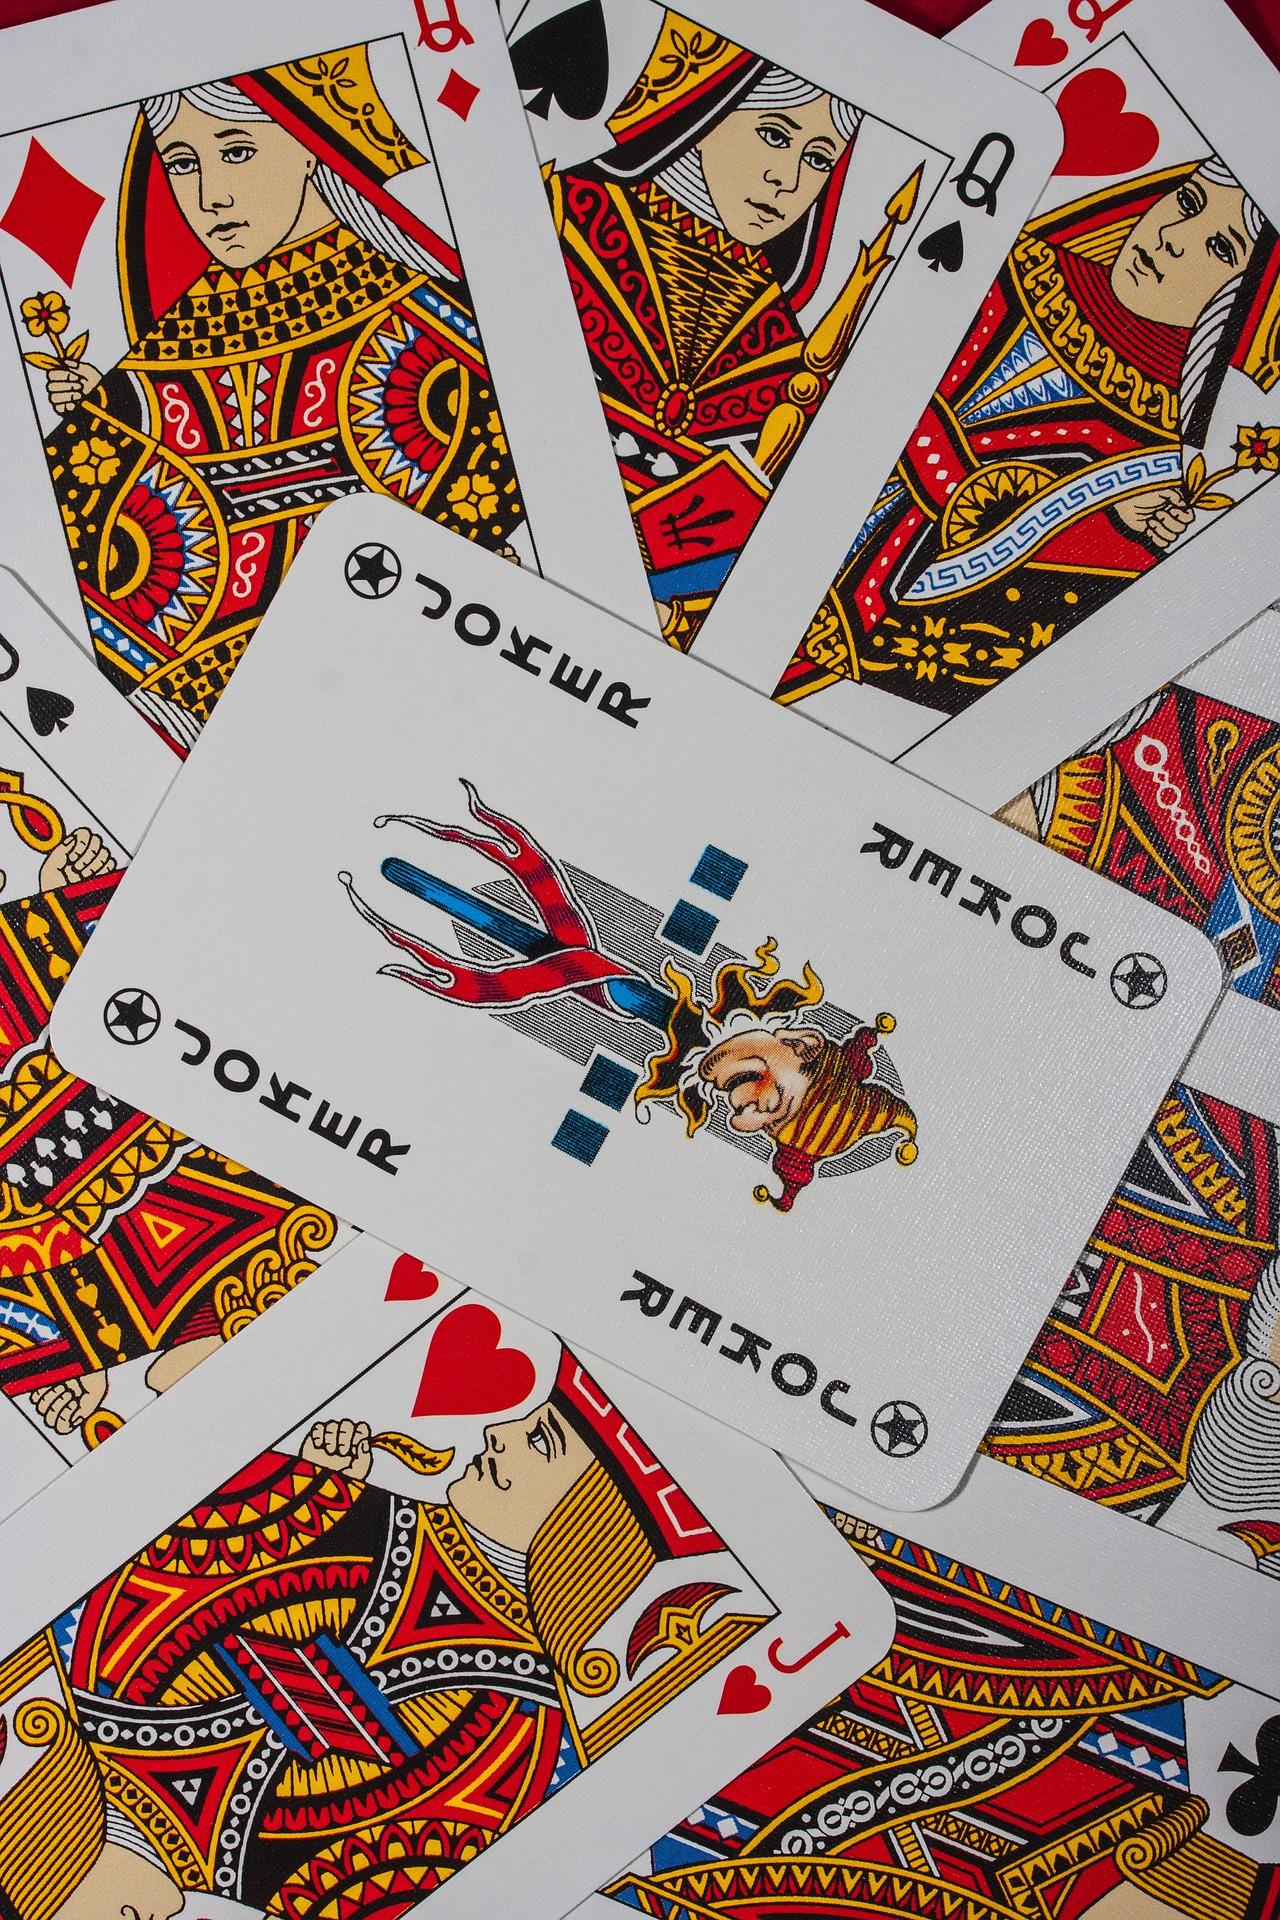 Online kasinospil bruges som underholdning i Danmark